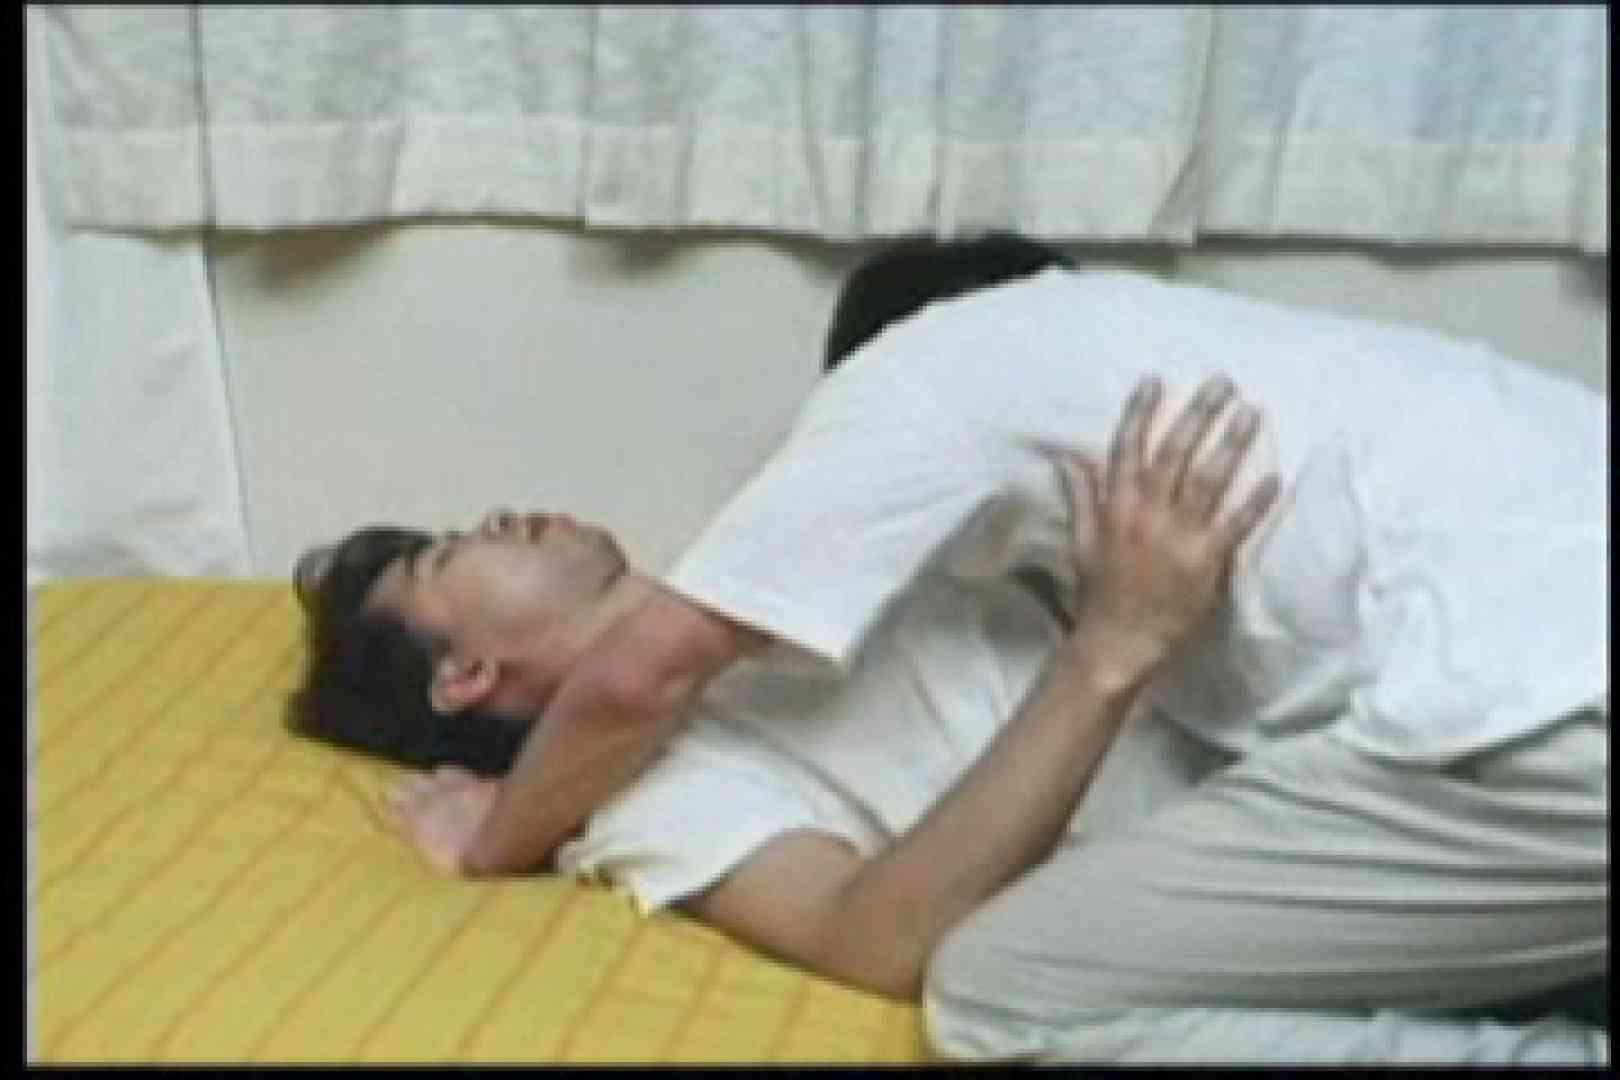 続・リーマンの隠れた日常を見てみましょう!! 手コキ 男同士動画 72pic 2